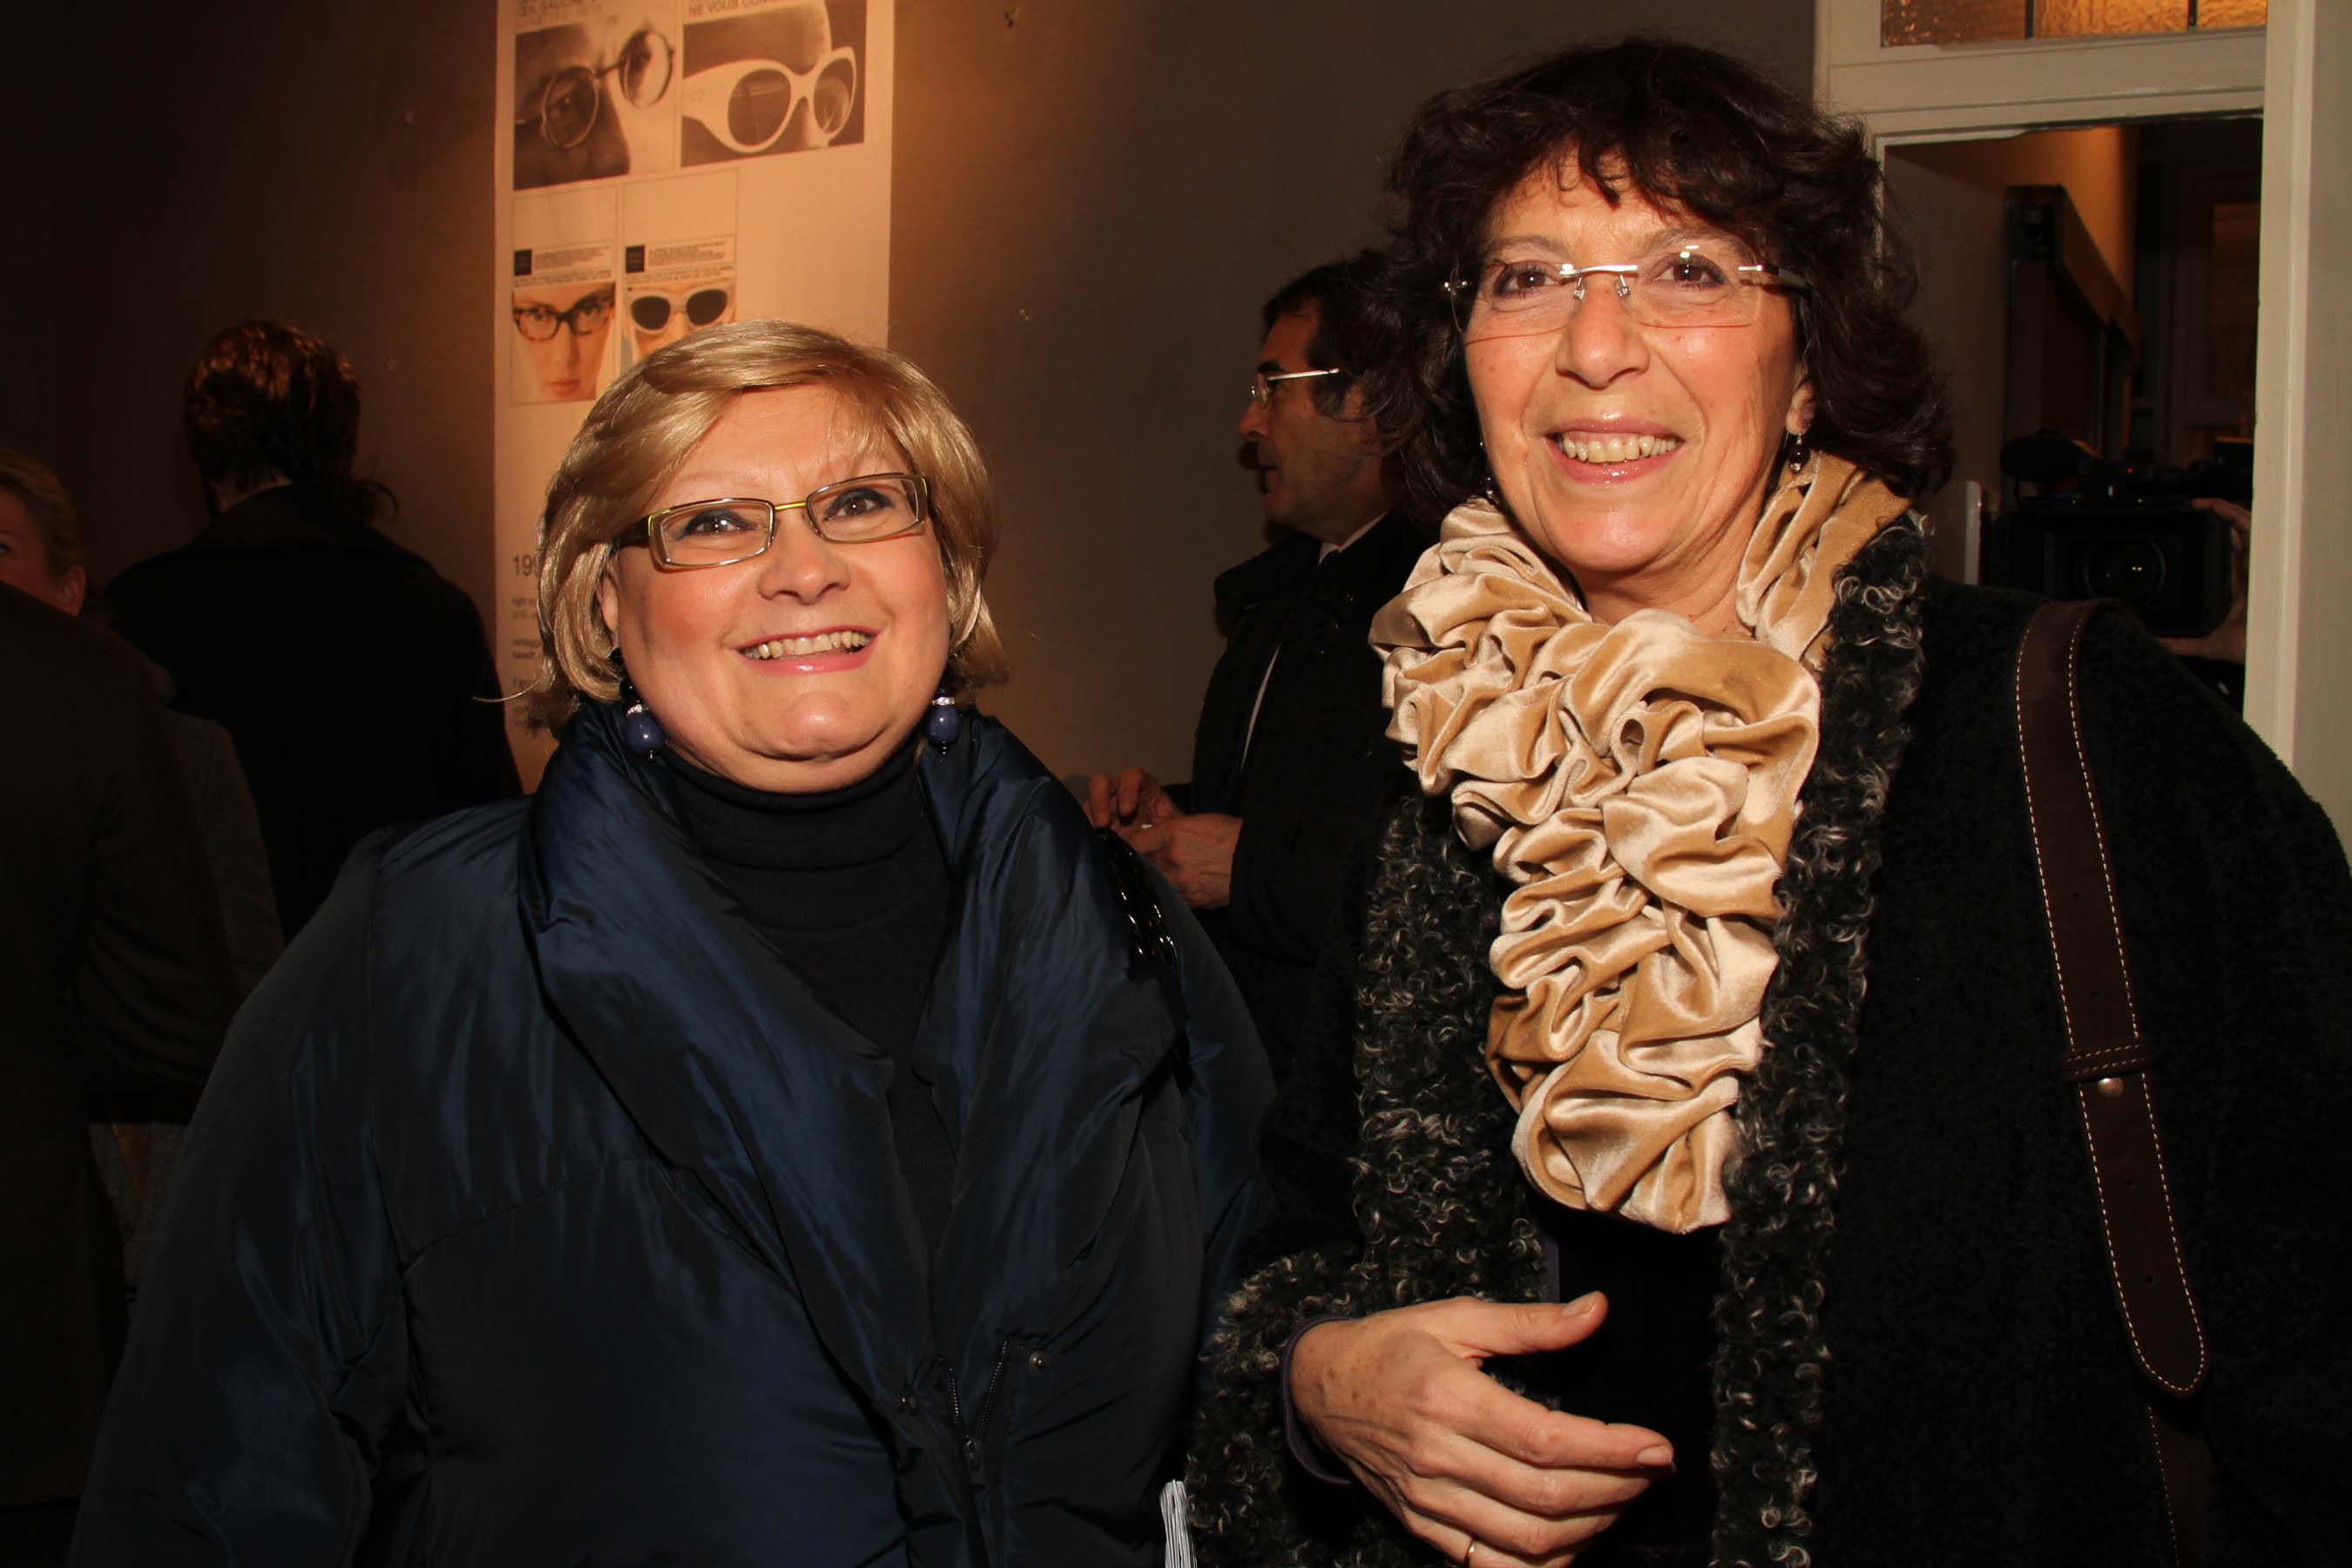 PRESSPHOTO Firenze, festa Firenze Magazine #13, For Gallery. Nella foto Manuela Papucci e Elisabetta Benelli